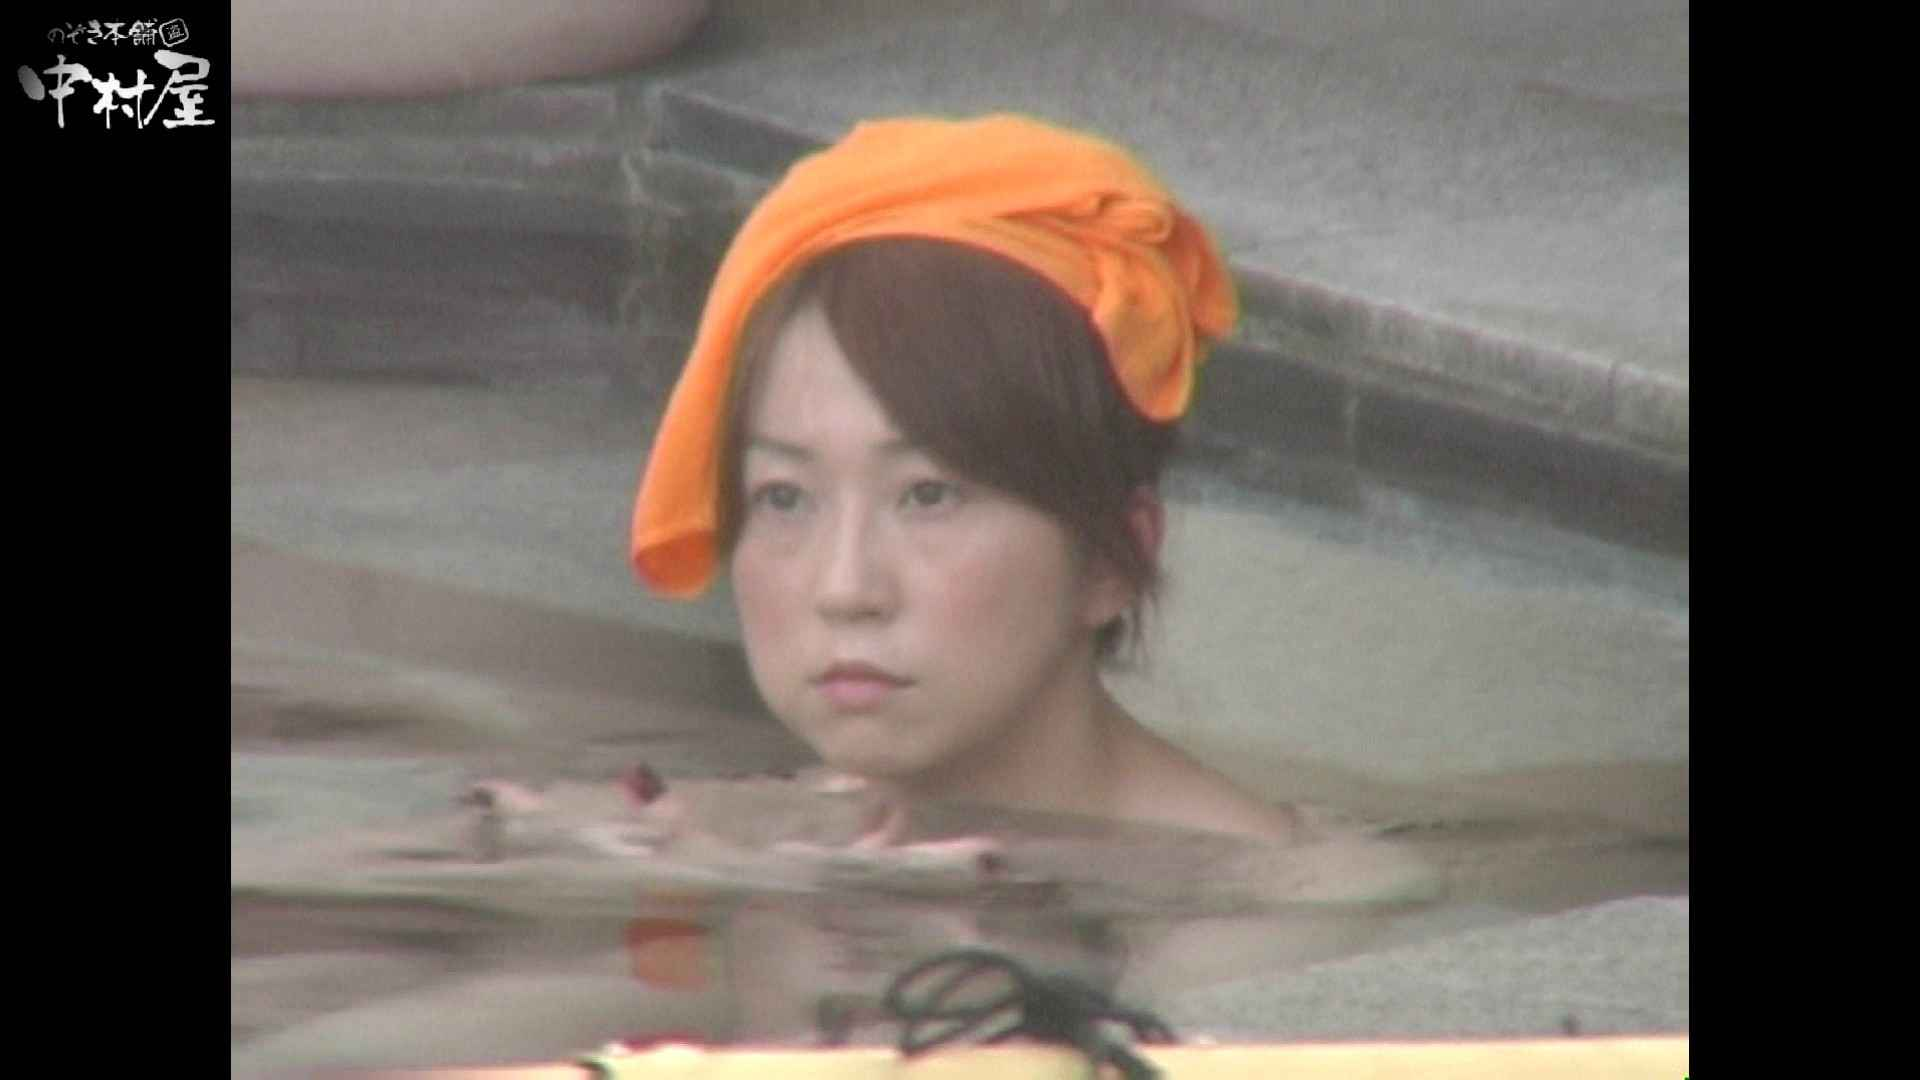 Aquaな露天風呂Vol.941 美しいOLの裸体 アダルト動画キャプチャ 76pic 47